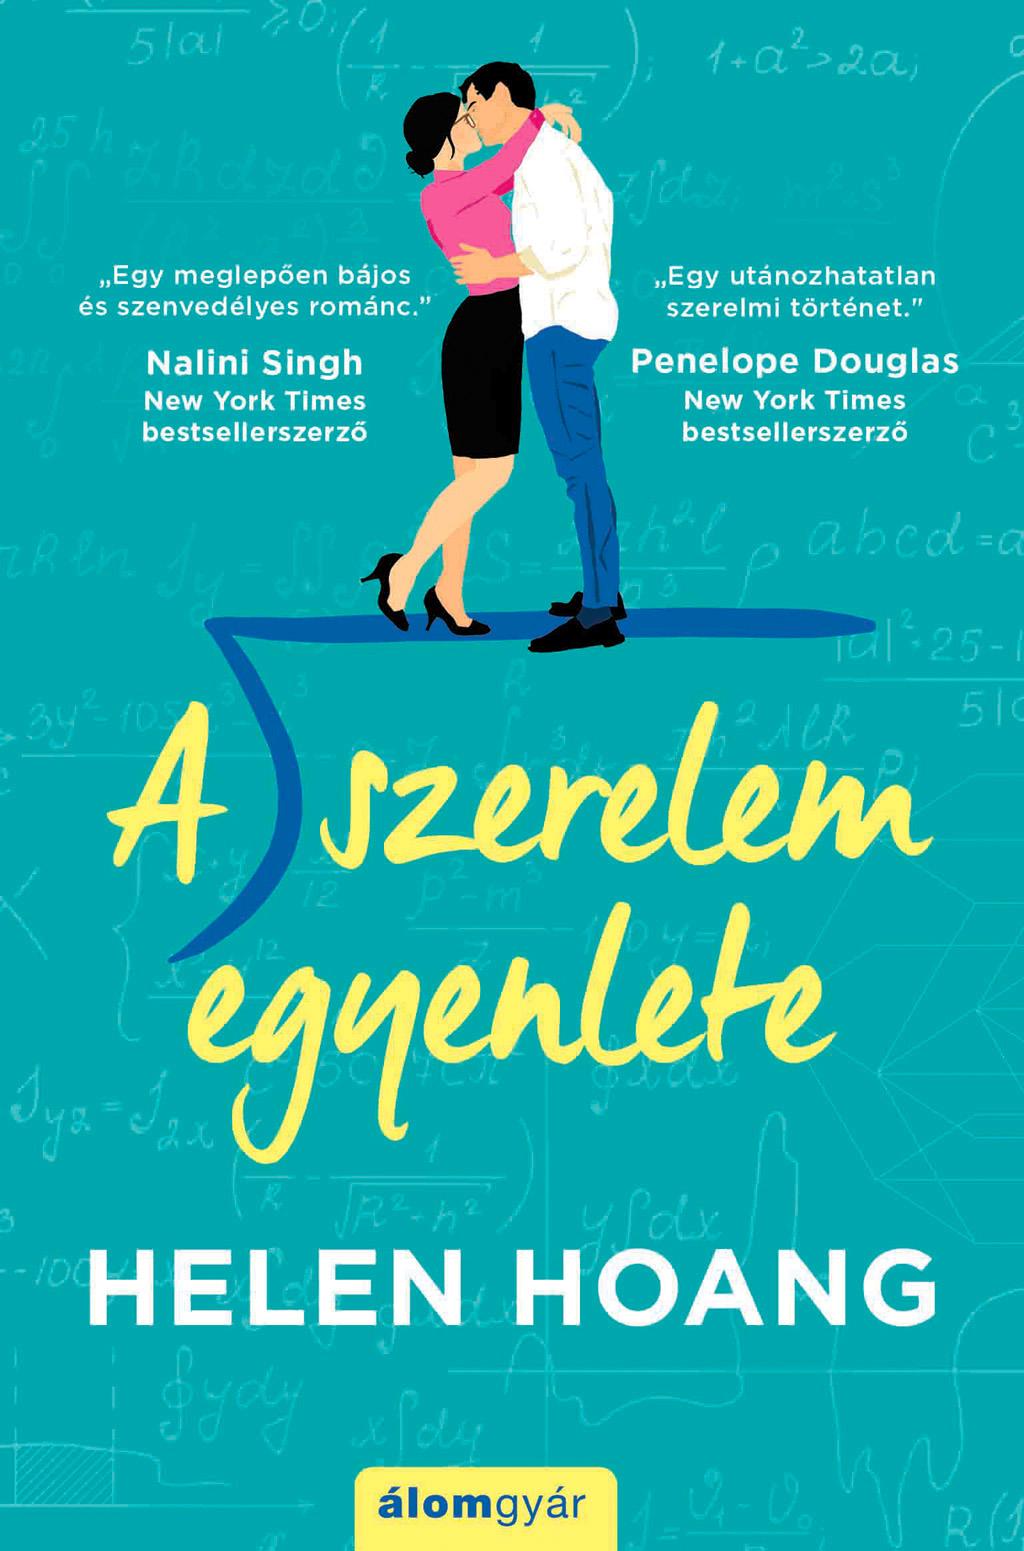 2018. Helen Hoang - A szerelem egyenlete